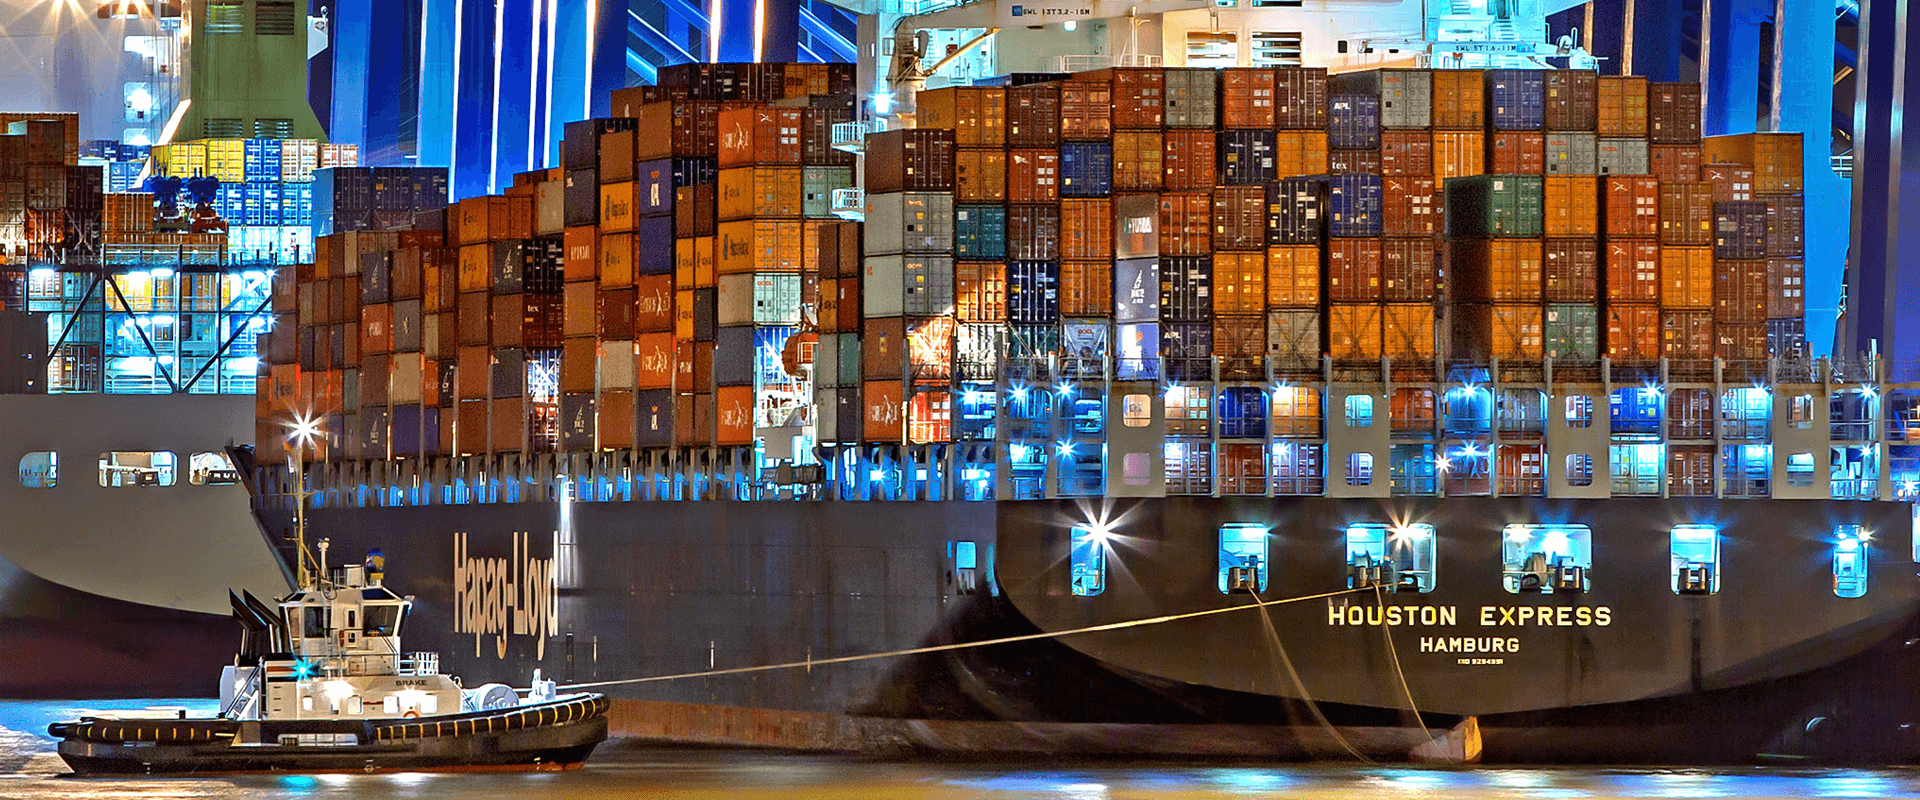 SCA anuncia acuerdo para liberar el barco que bloqueó el Canal de Suez